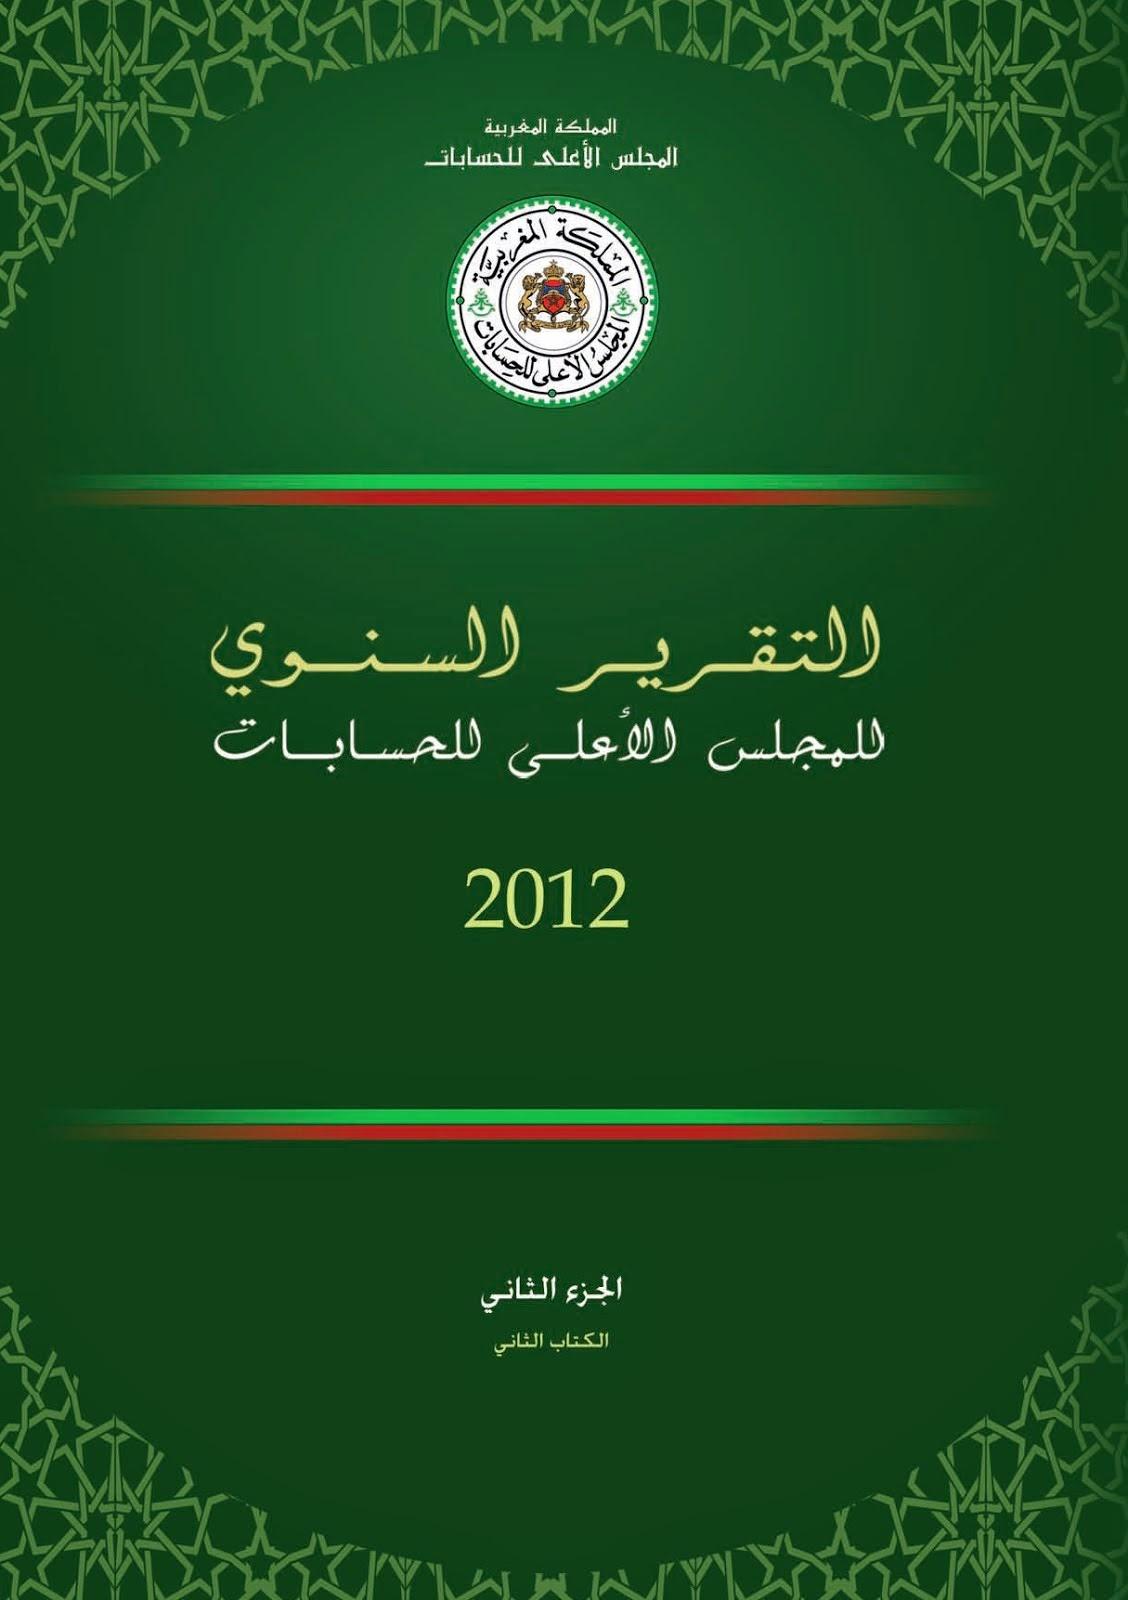 تقرير حول أنشطة المجلس الأعلى للحسابات برسم سنة 2012